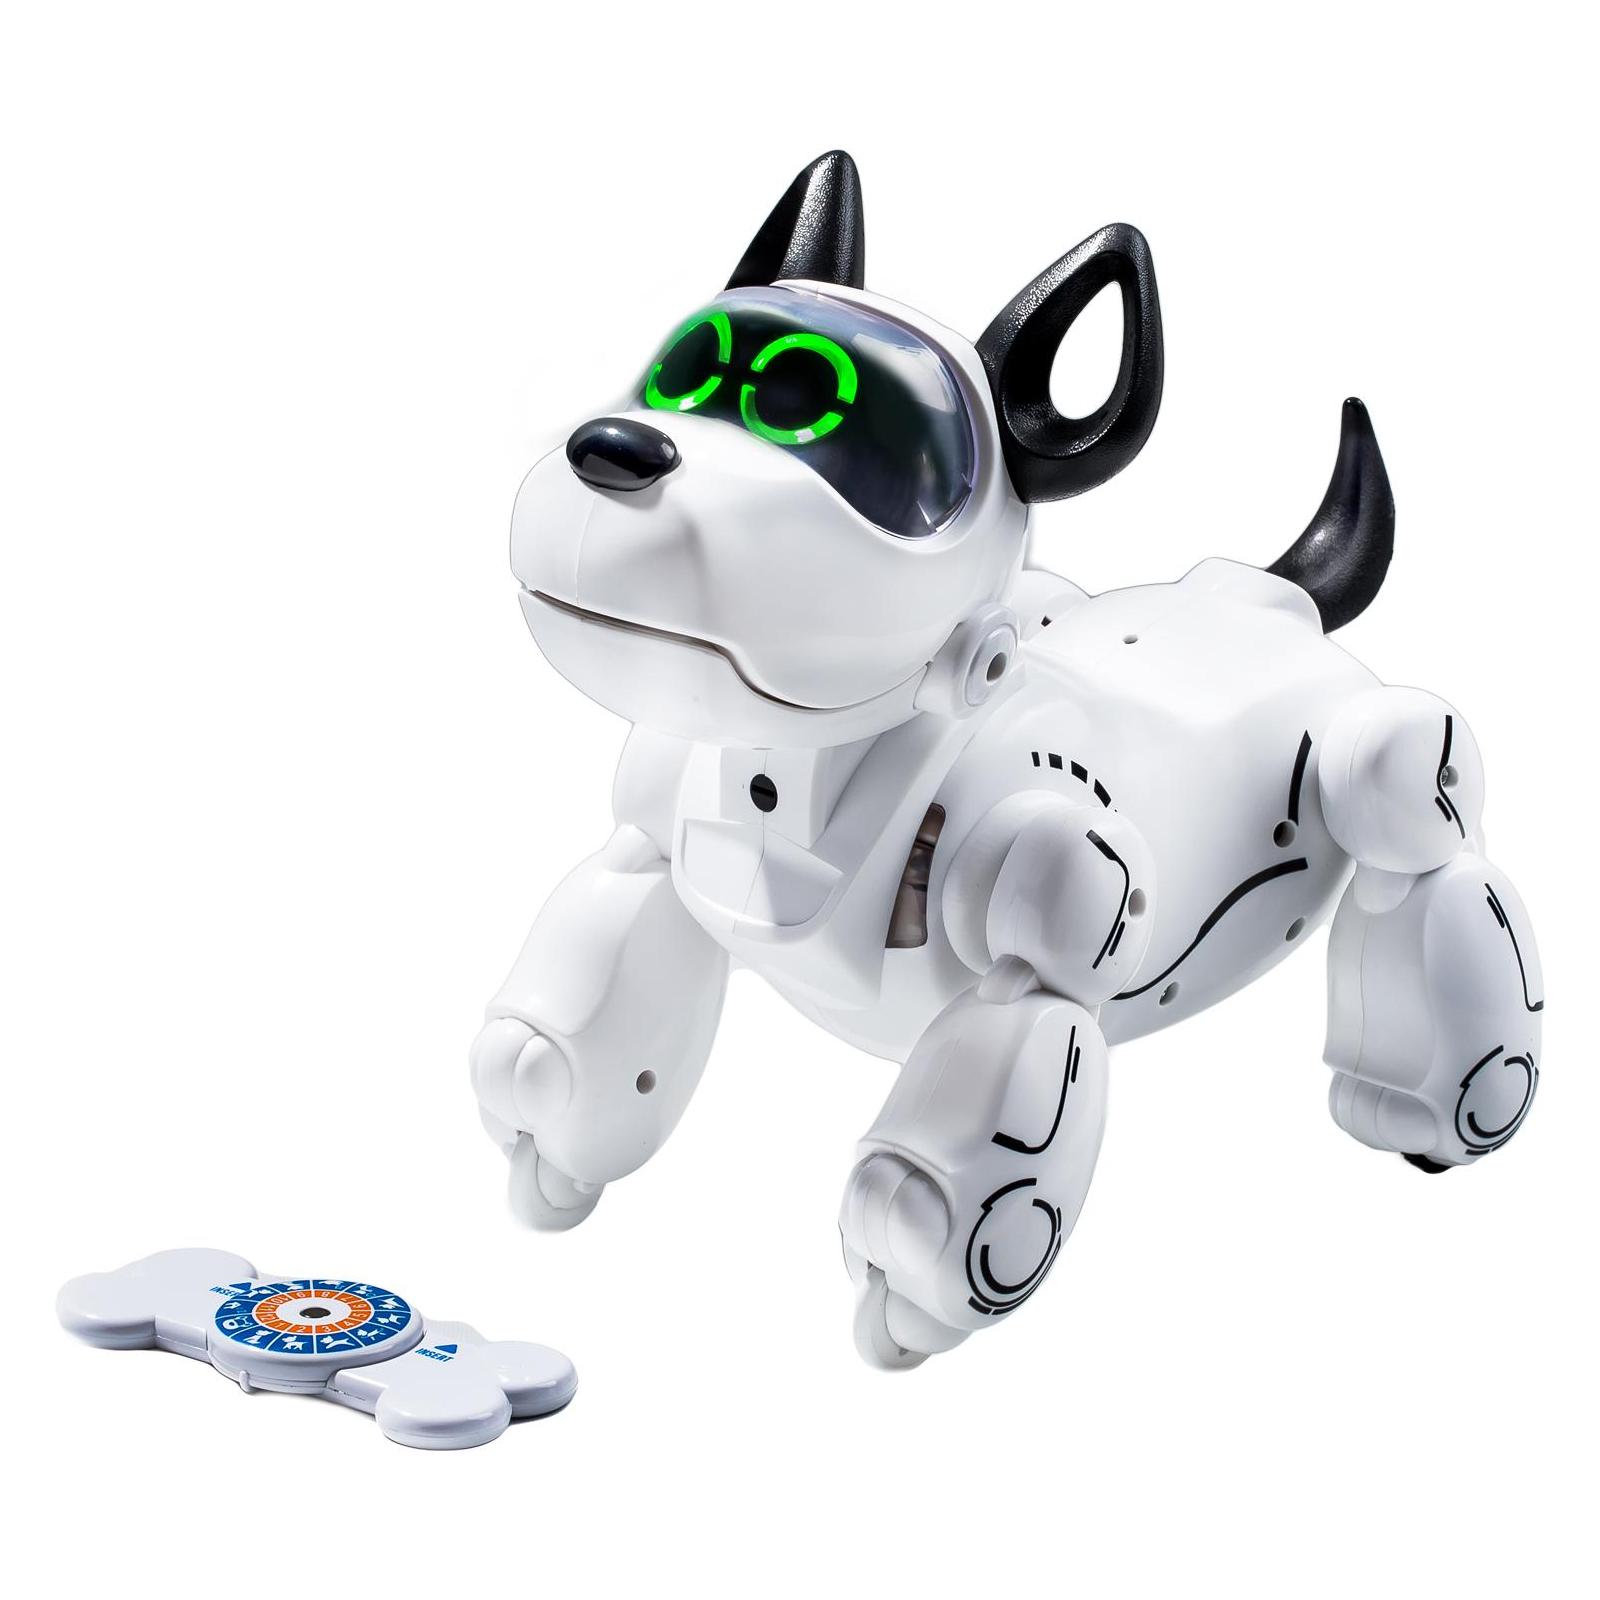 Интерактивная игрушка Silverlit собака-робот PUPBO (88520) изображение 3